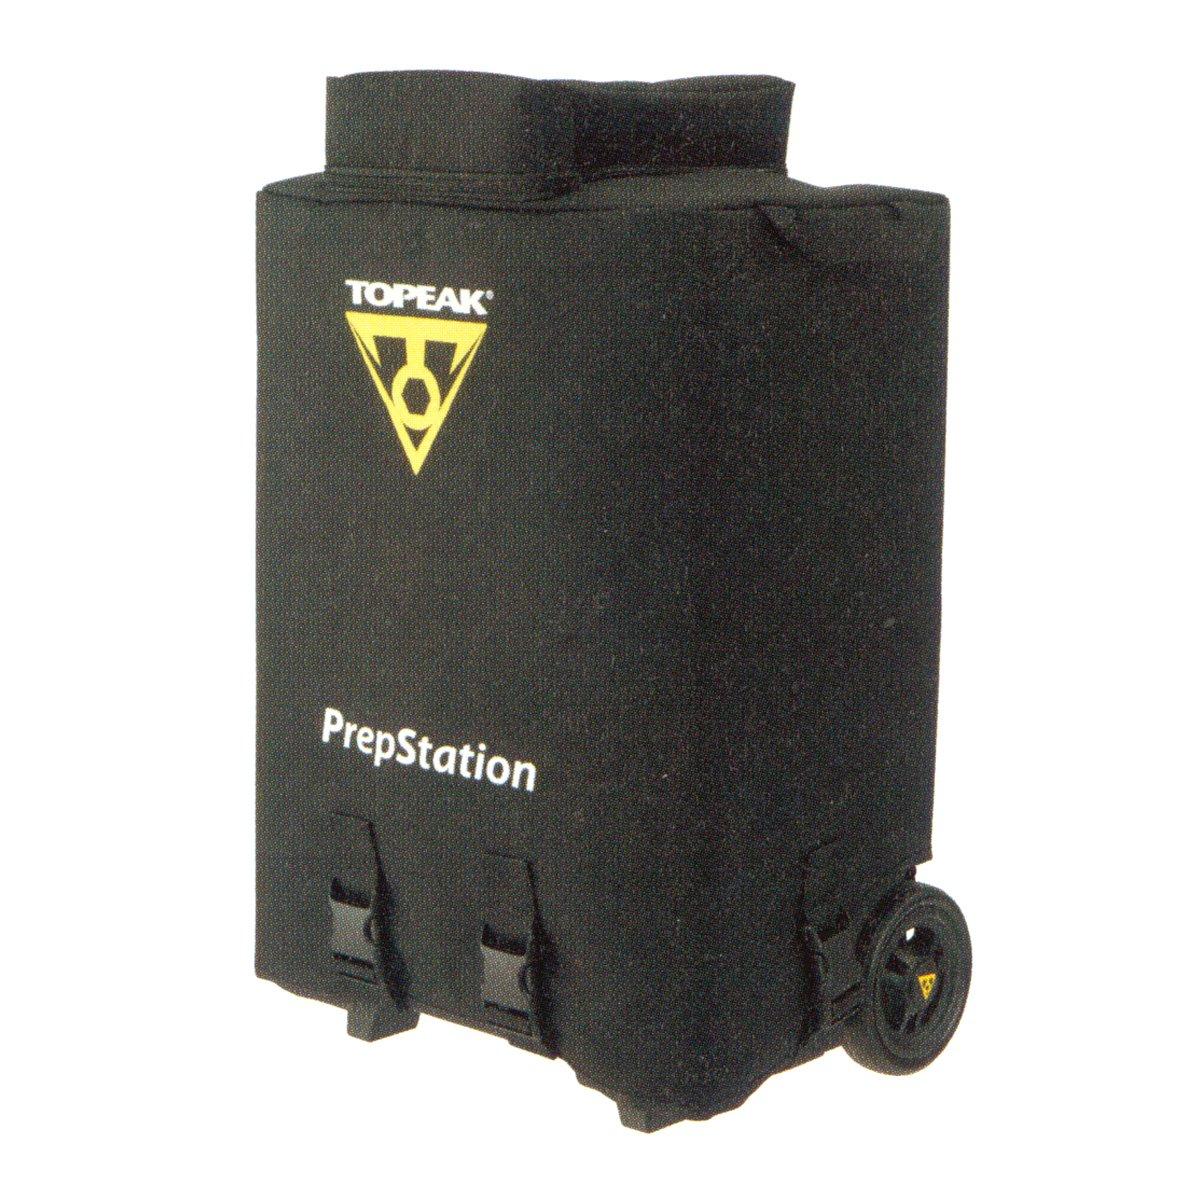 TOPEAK PrepStation Case Cover 2014 Werkstattausrüstung